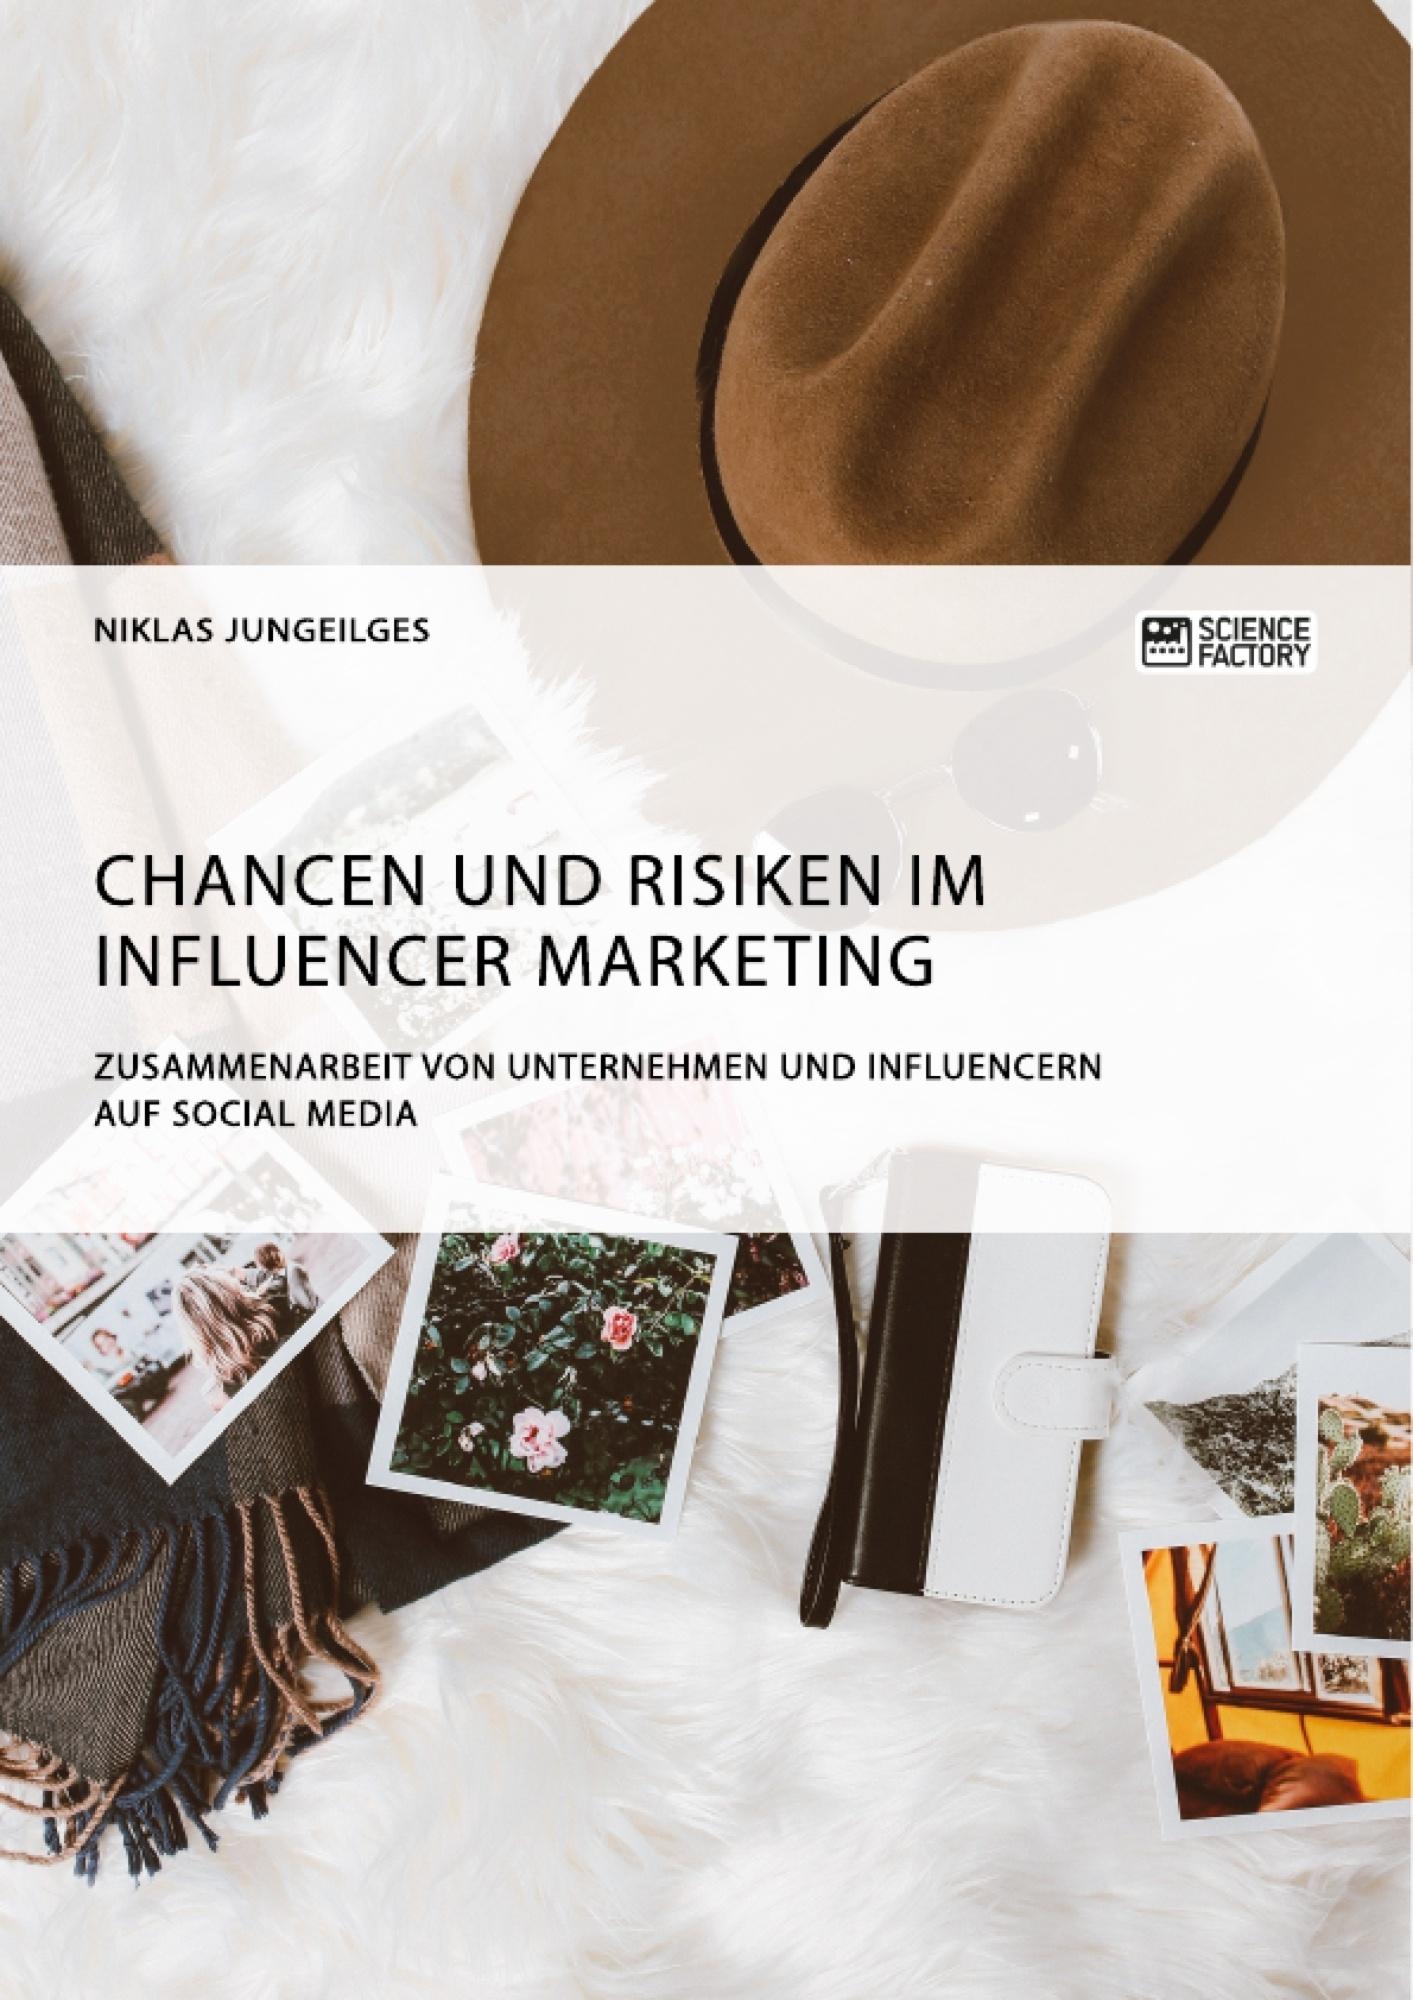 Titel: Chancen und Risiken im Influencer Marketing. Zusammenarbeit von Unternehmen und Influencern auf Social Media